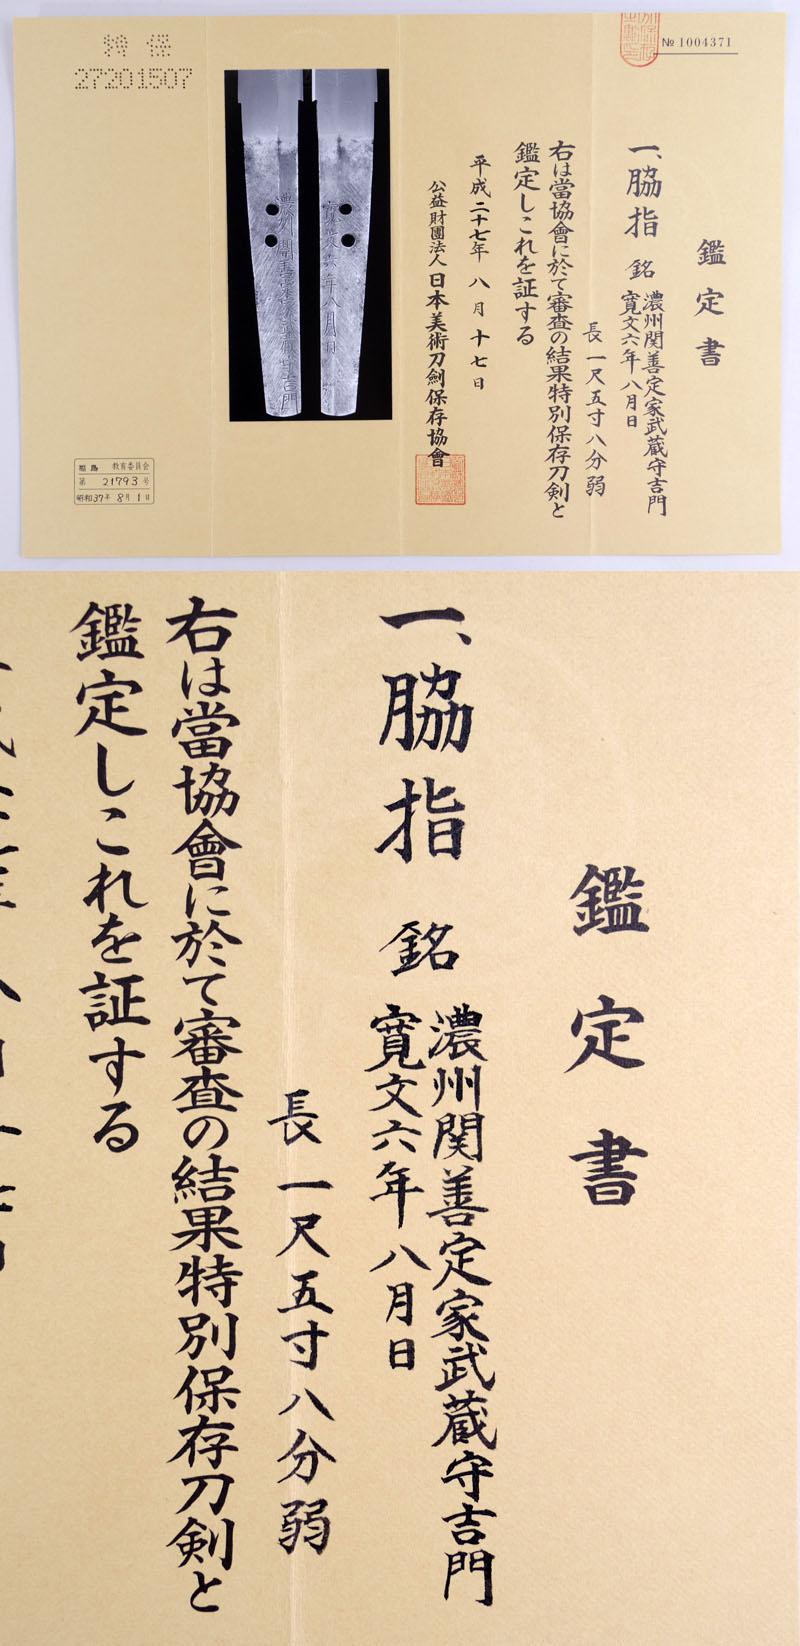 濃州関善定家武蔵守吉門 Picture of Certificate